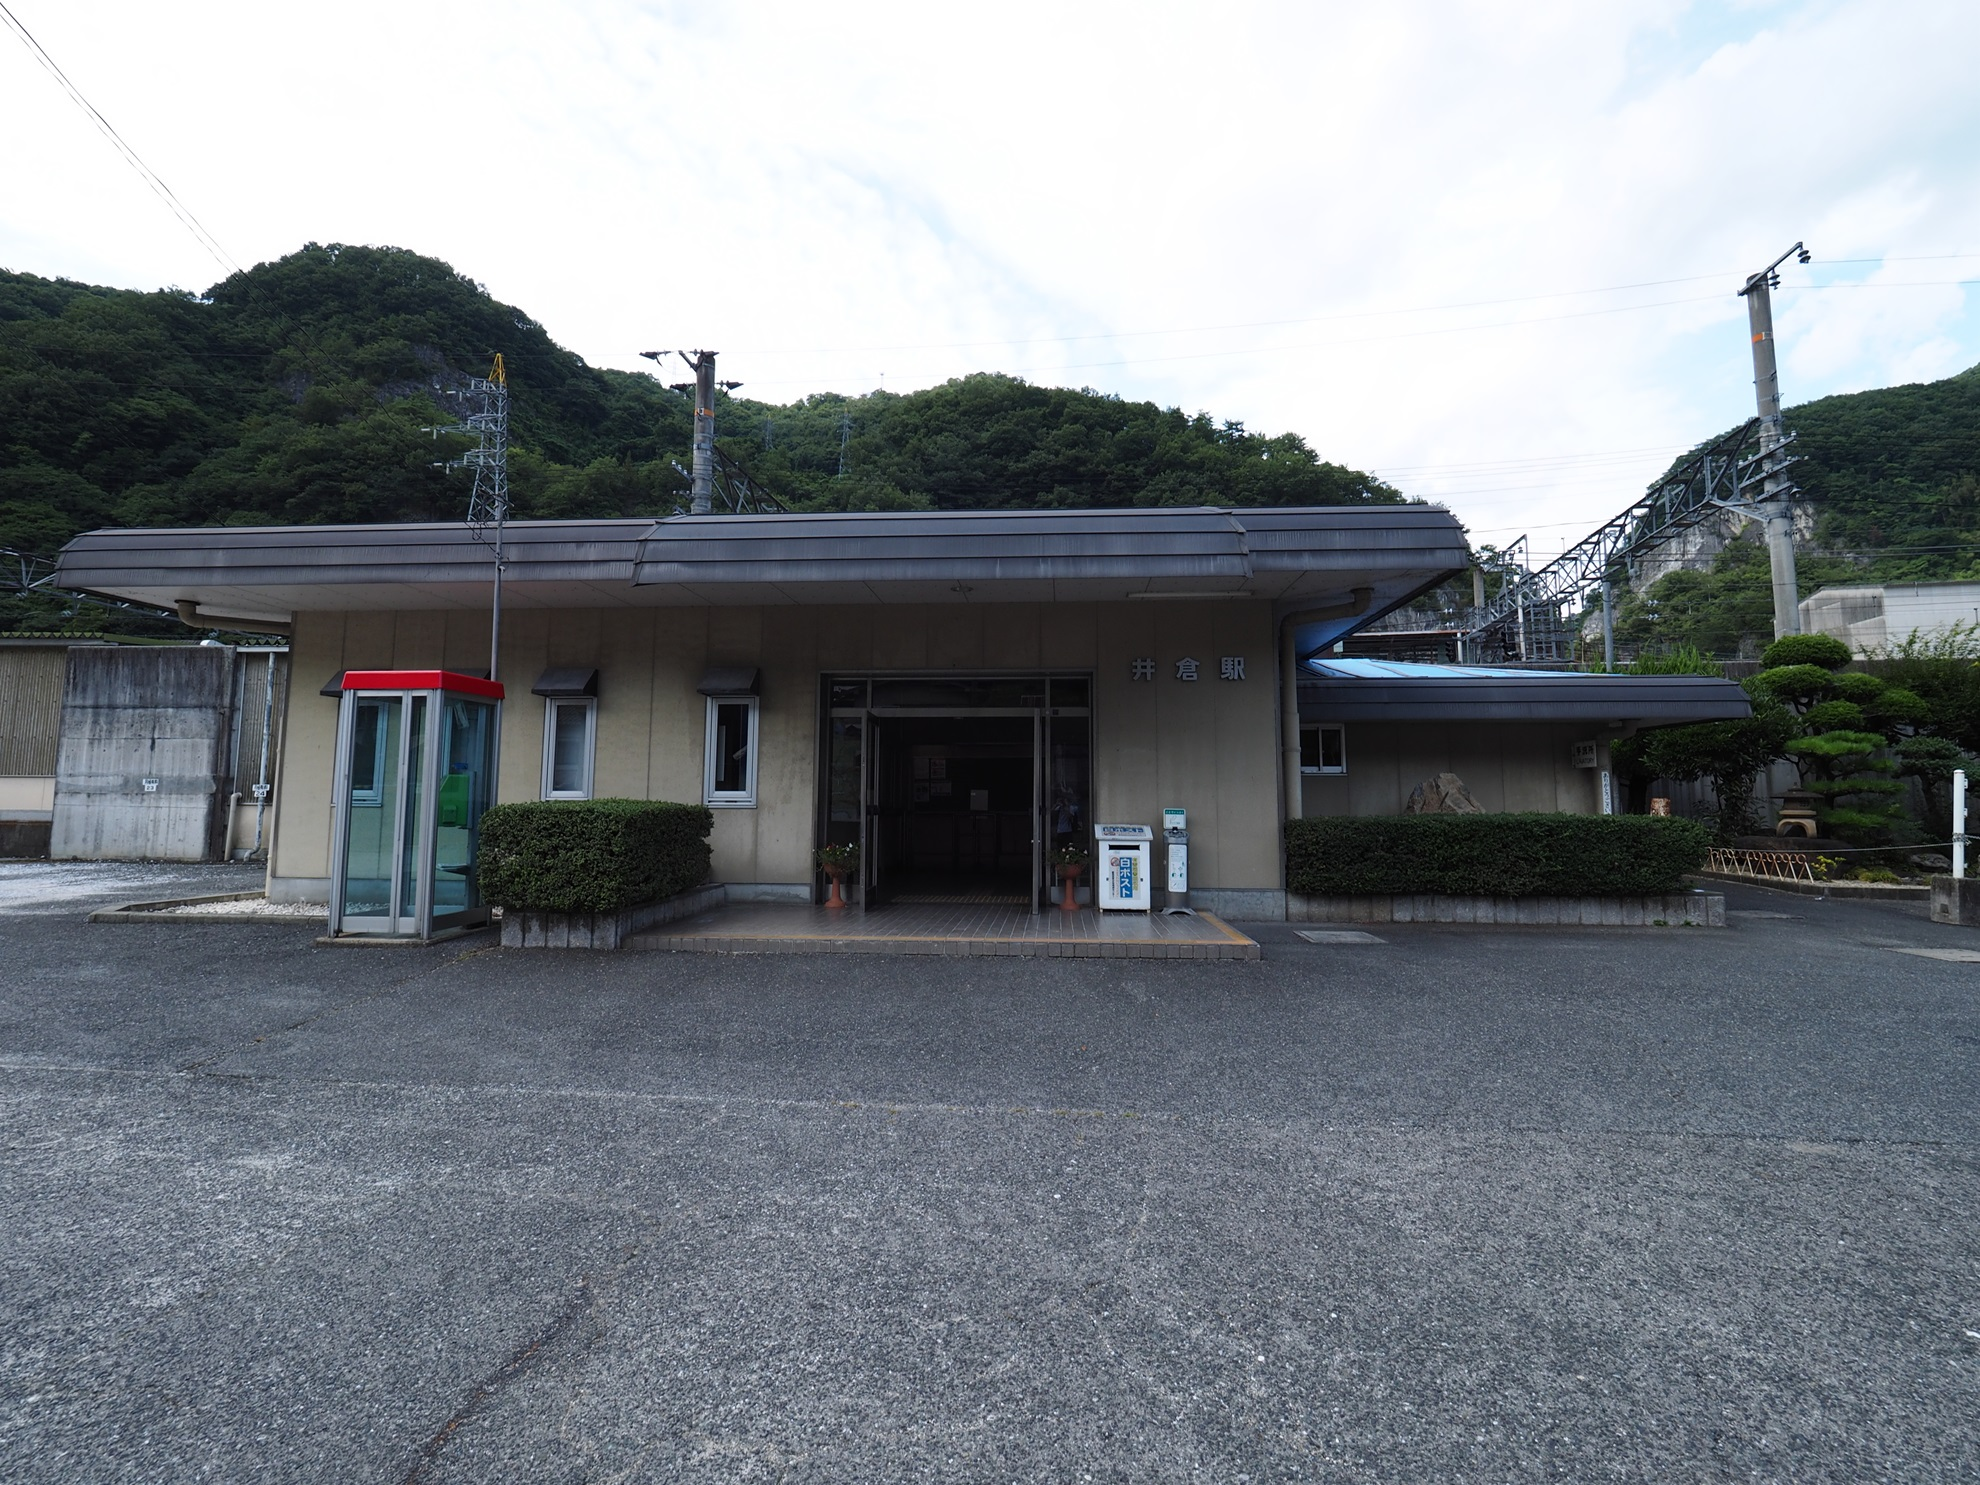 井倉駅 駅舎